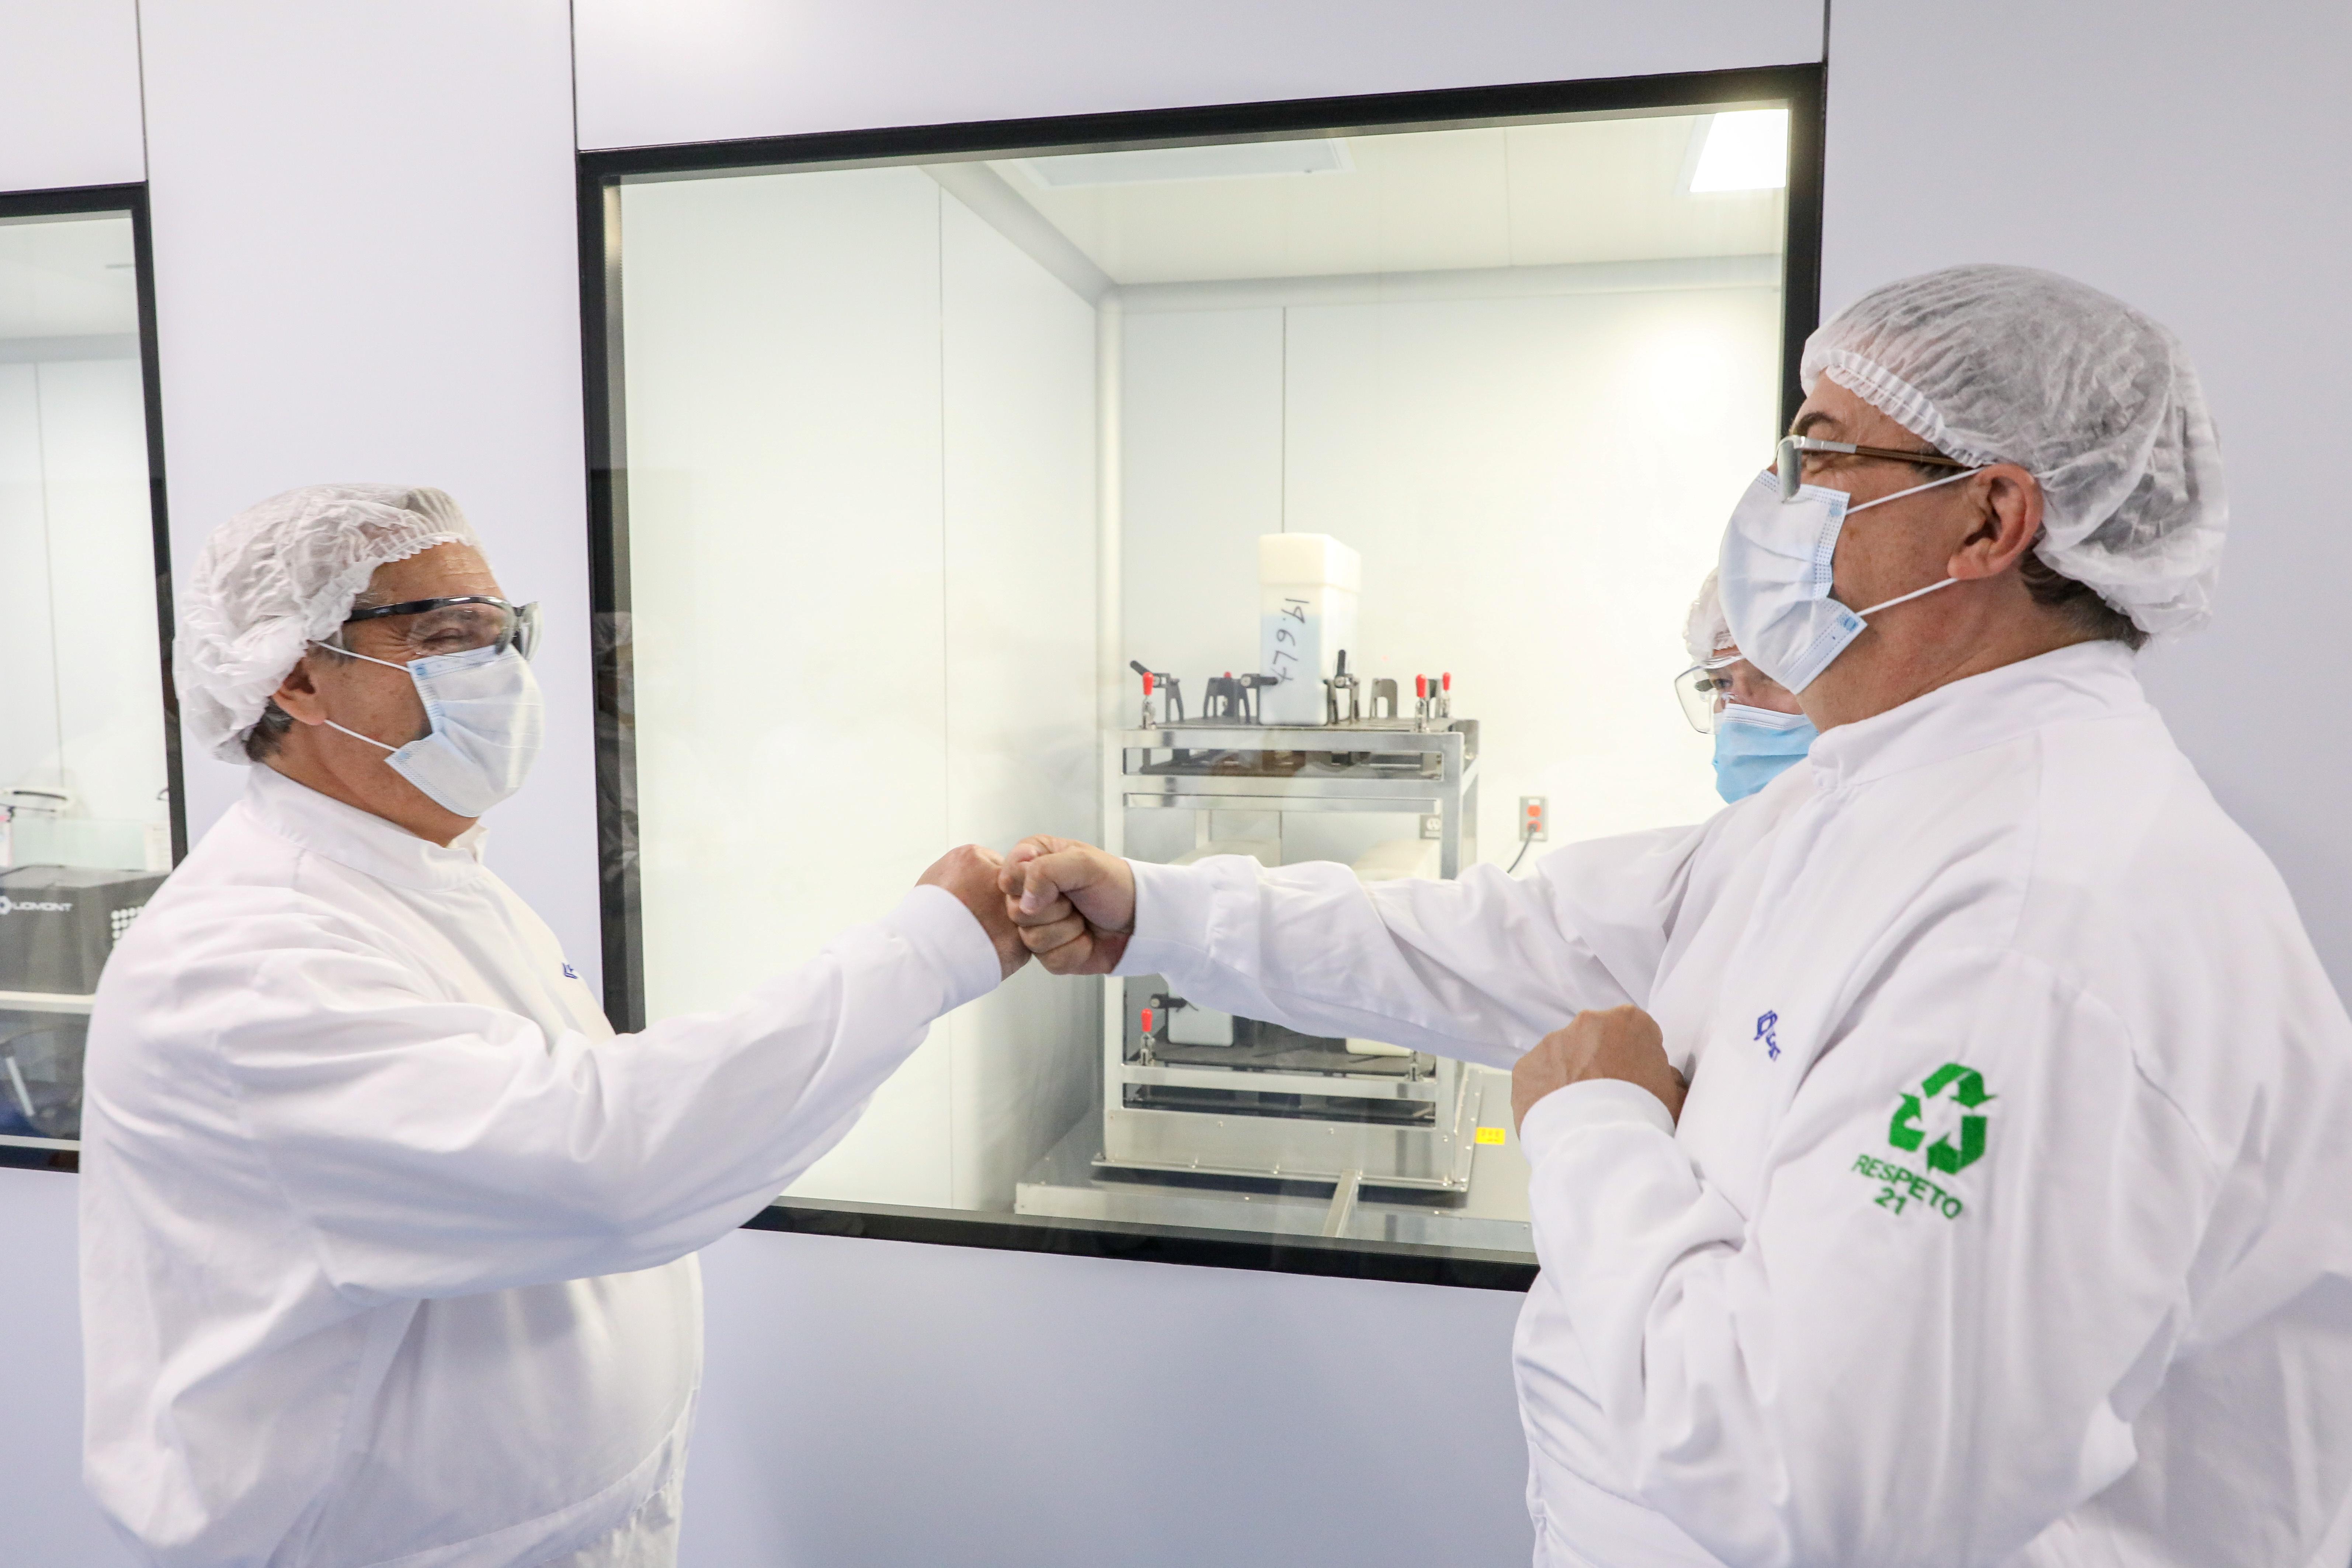 El presidente de Argentina, Alberto Fernández le da un puñetazo al canciller mexicano, Marcelo Ebrard, durante una visita a las instalaciones del Laboratorio Liomont donde se fabrica la vacuna contra el coronavirus Oxford-AstraZeneca, en Ocoyoacac, en las afueras de la Ciudad de México. México 22 de febrero de 2021.